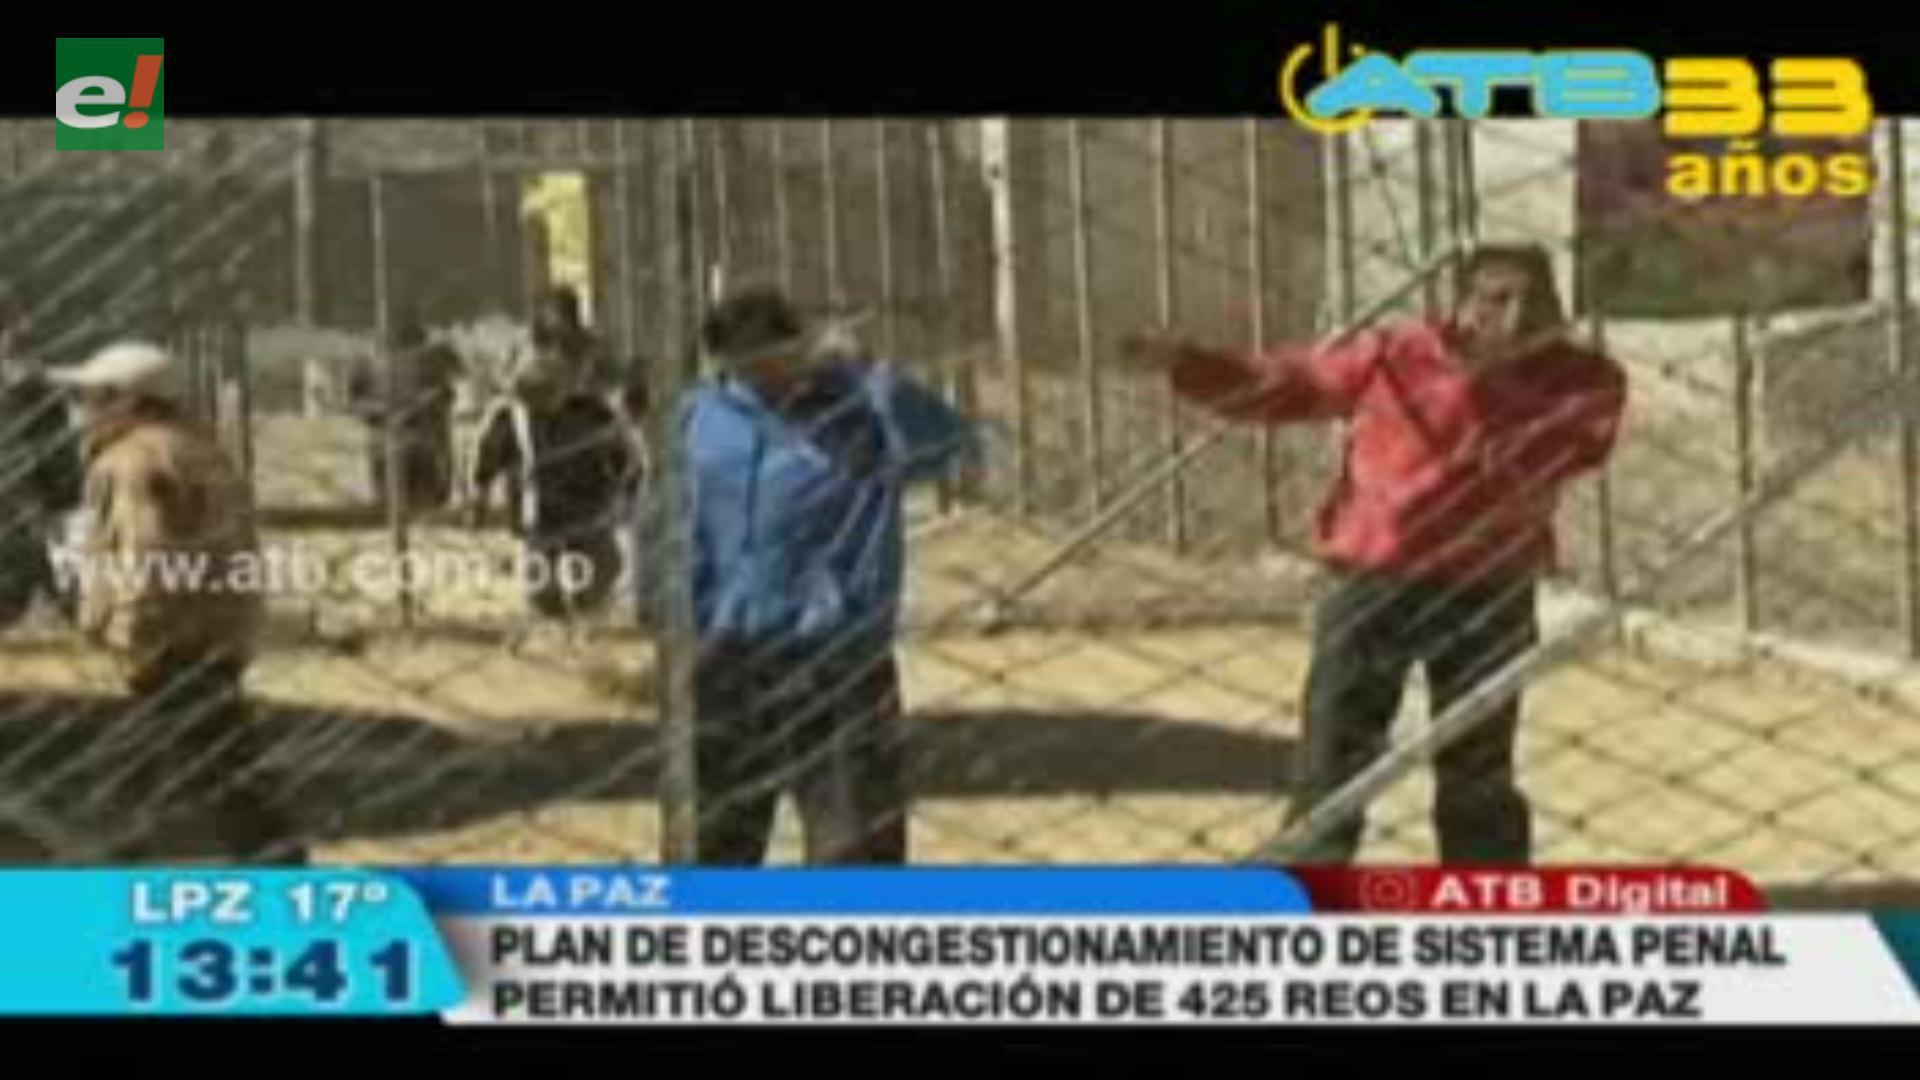 Plan de descongestionamiento del sistema penal liberó a 425 reos en La Paz